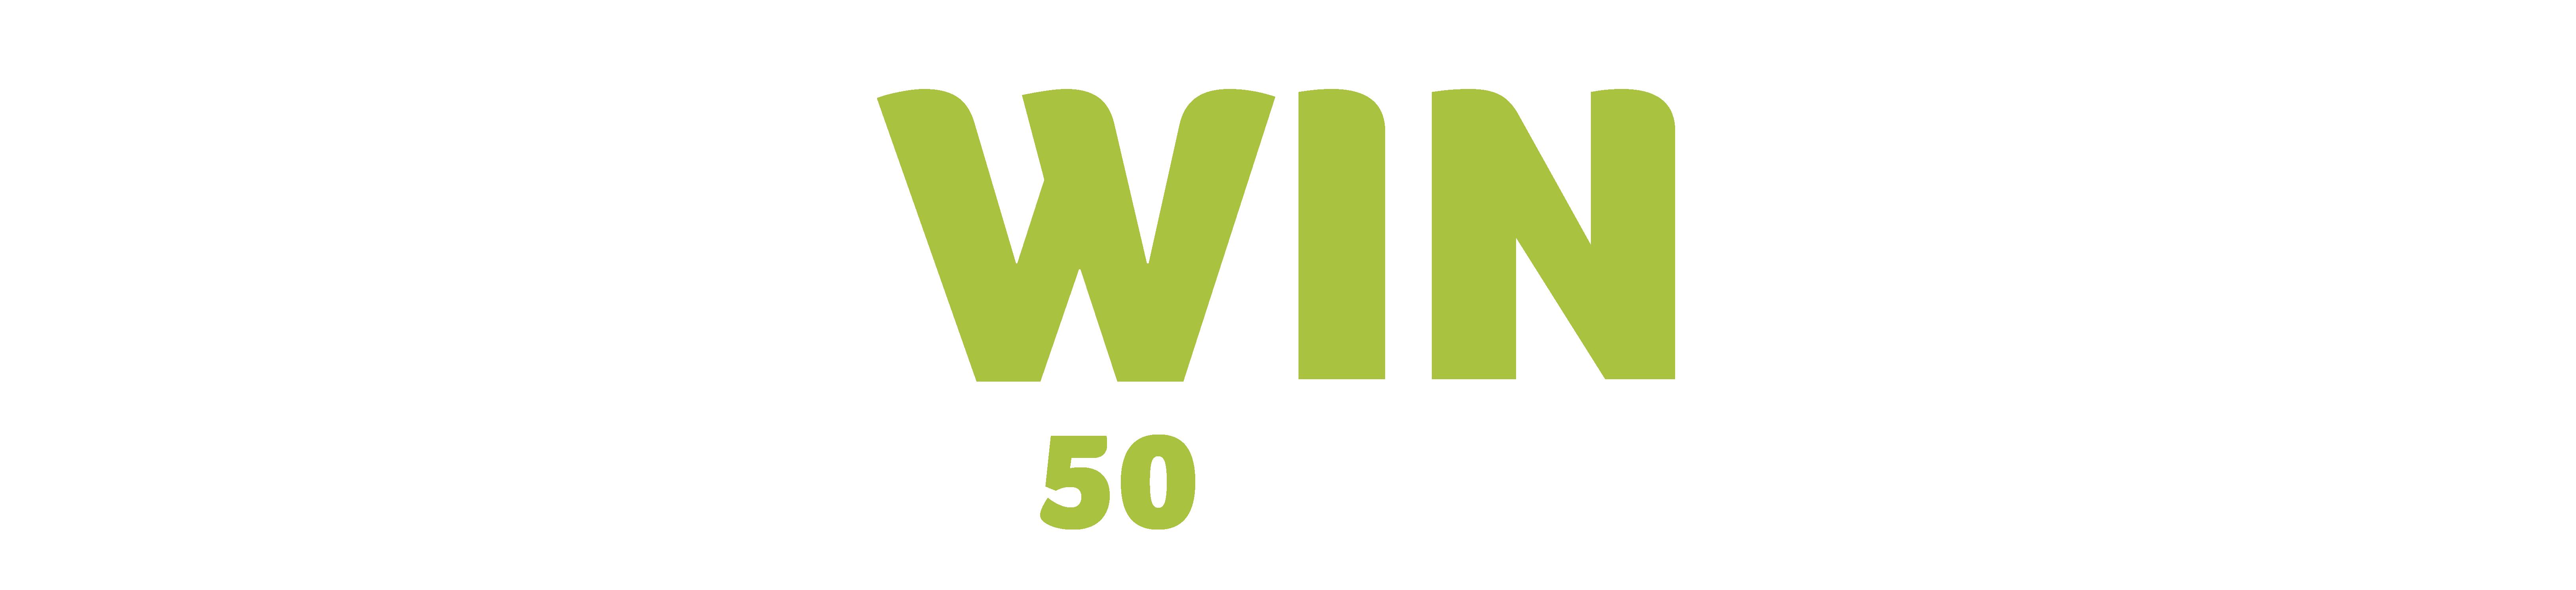 Fan-Awards-Website-Elements_WIN cta